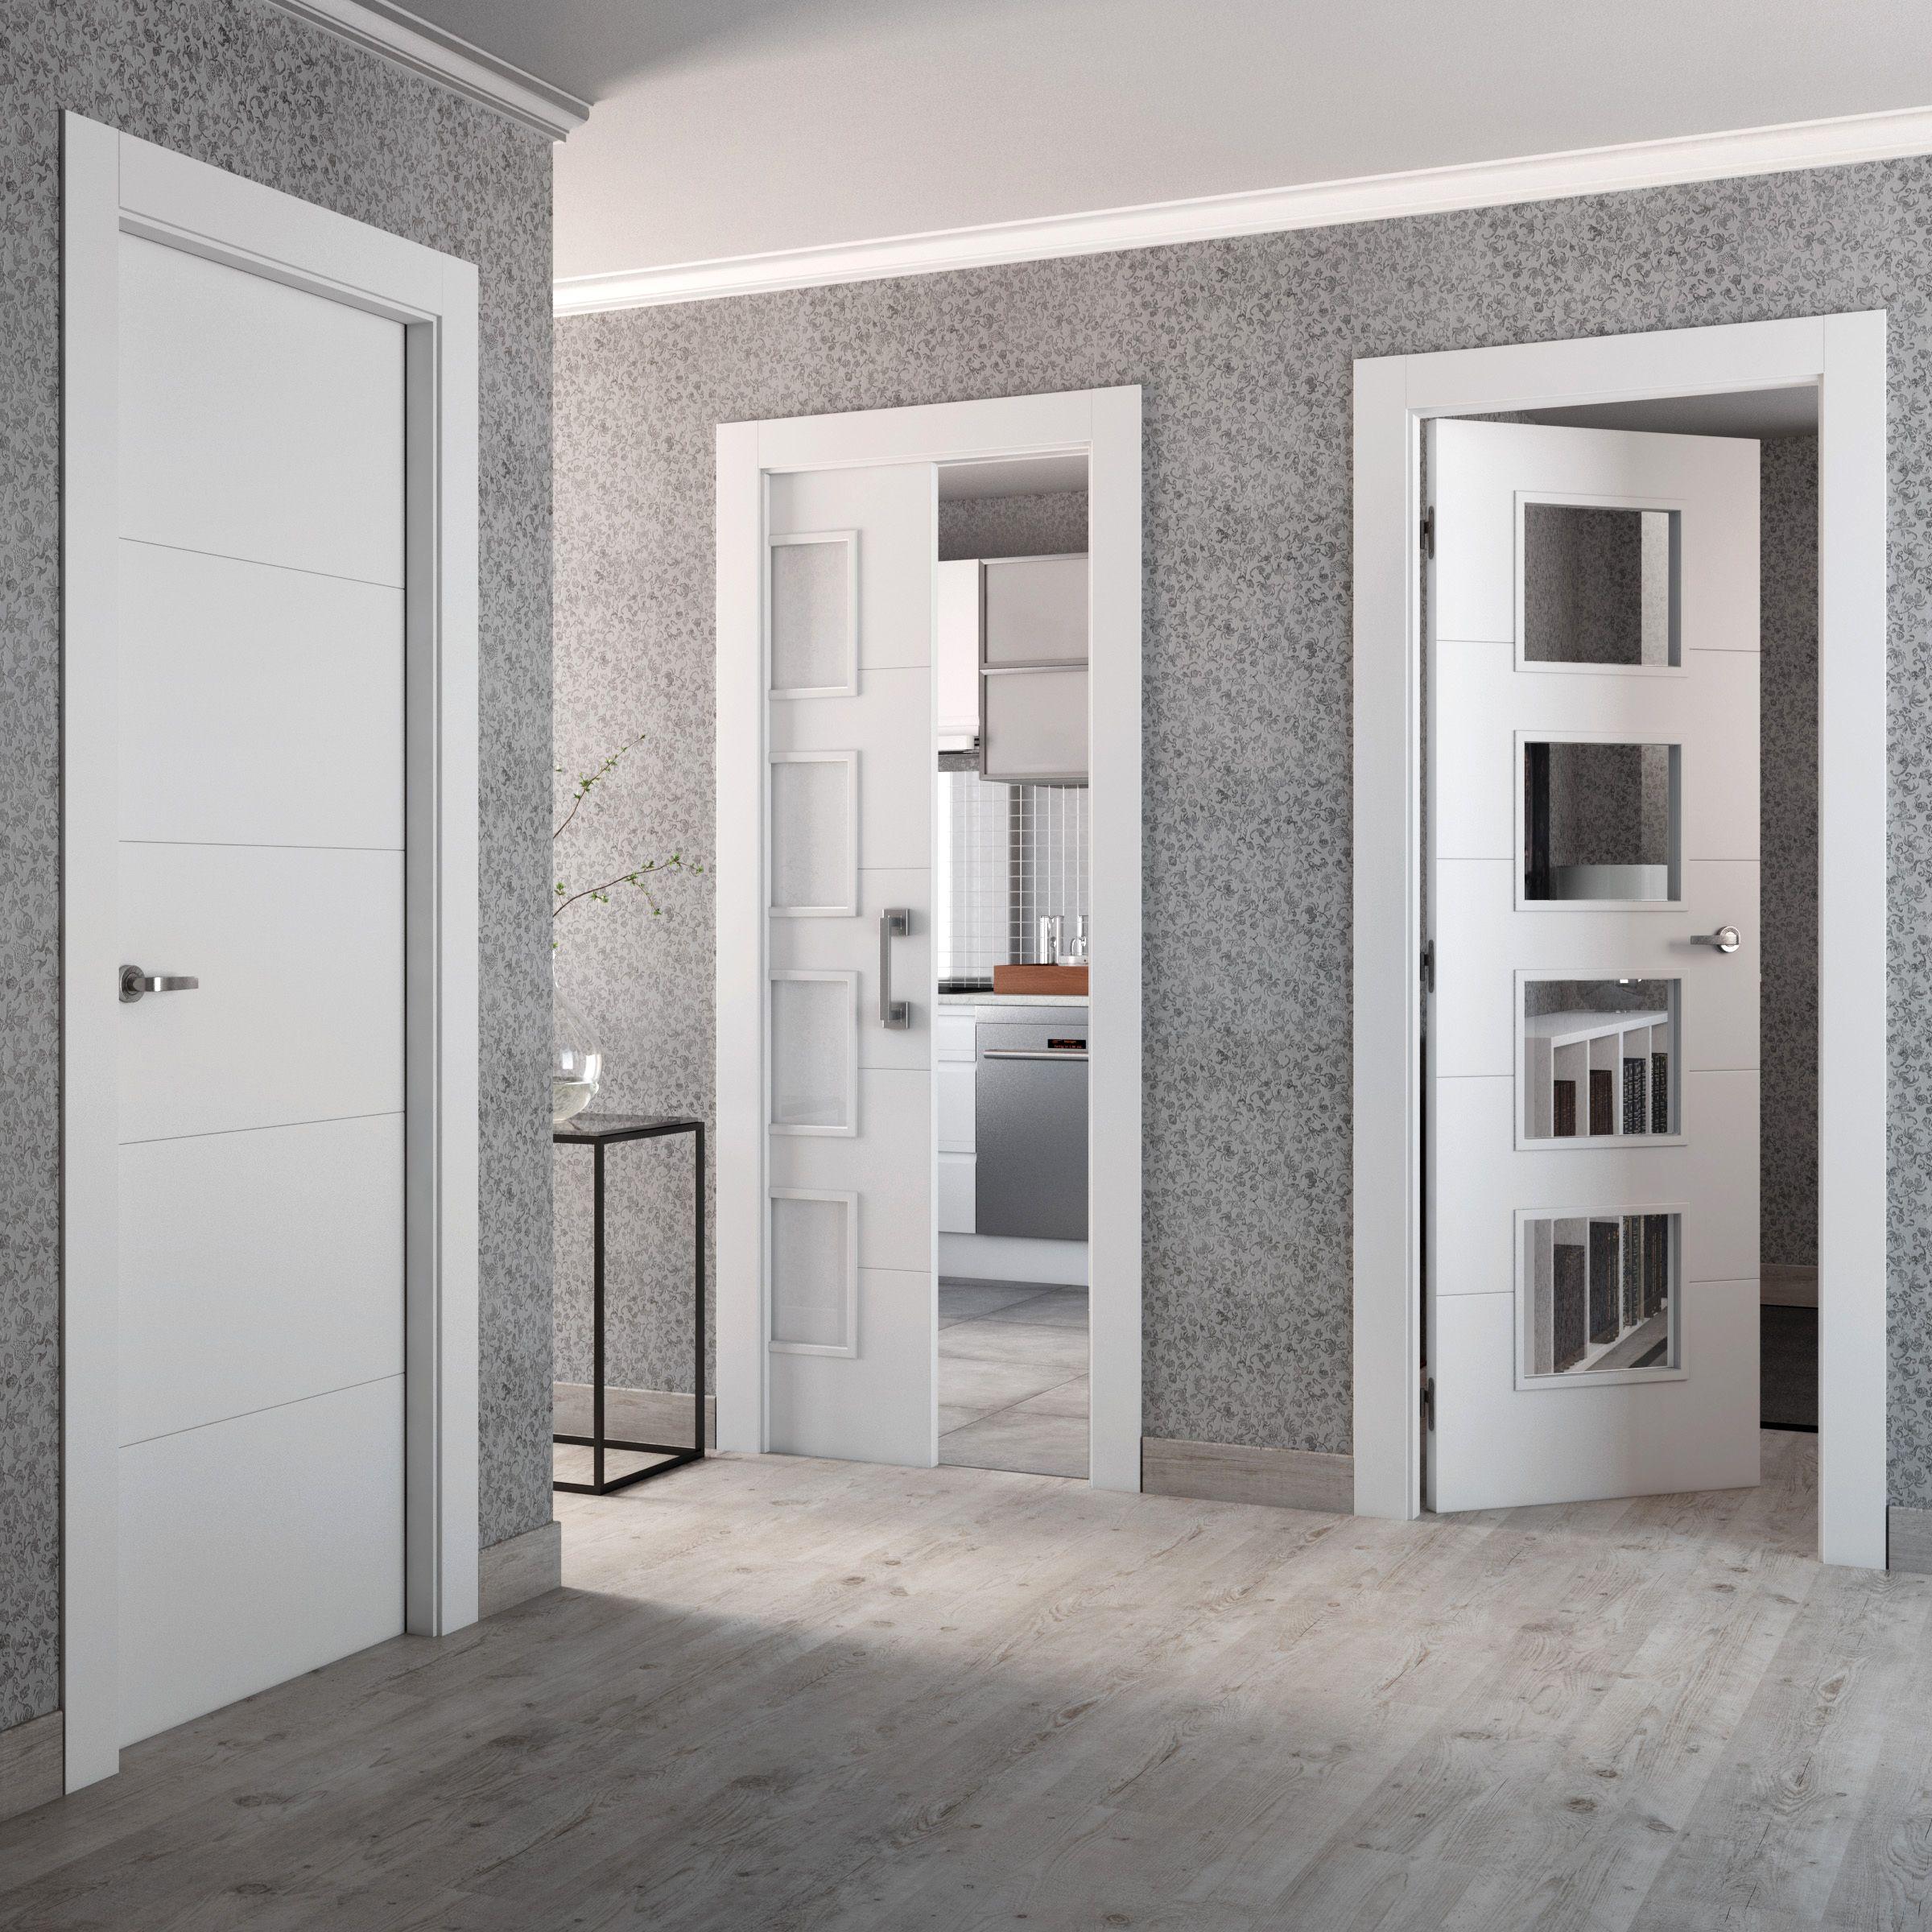 Pin de Cristal Jiménez Peña en habitaciones Puertas